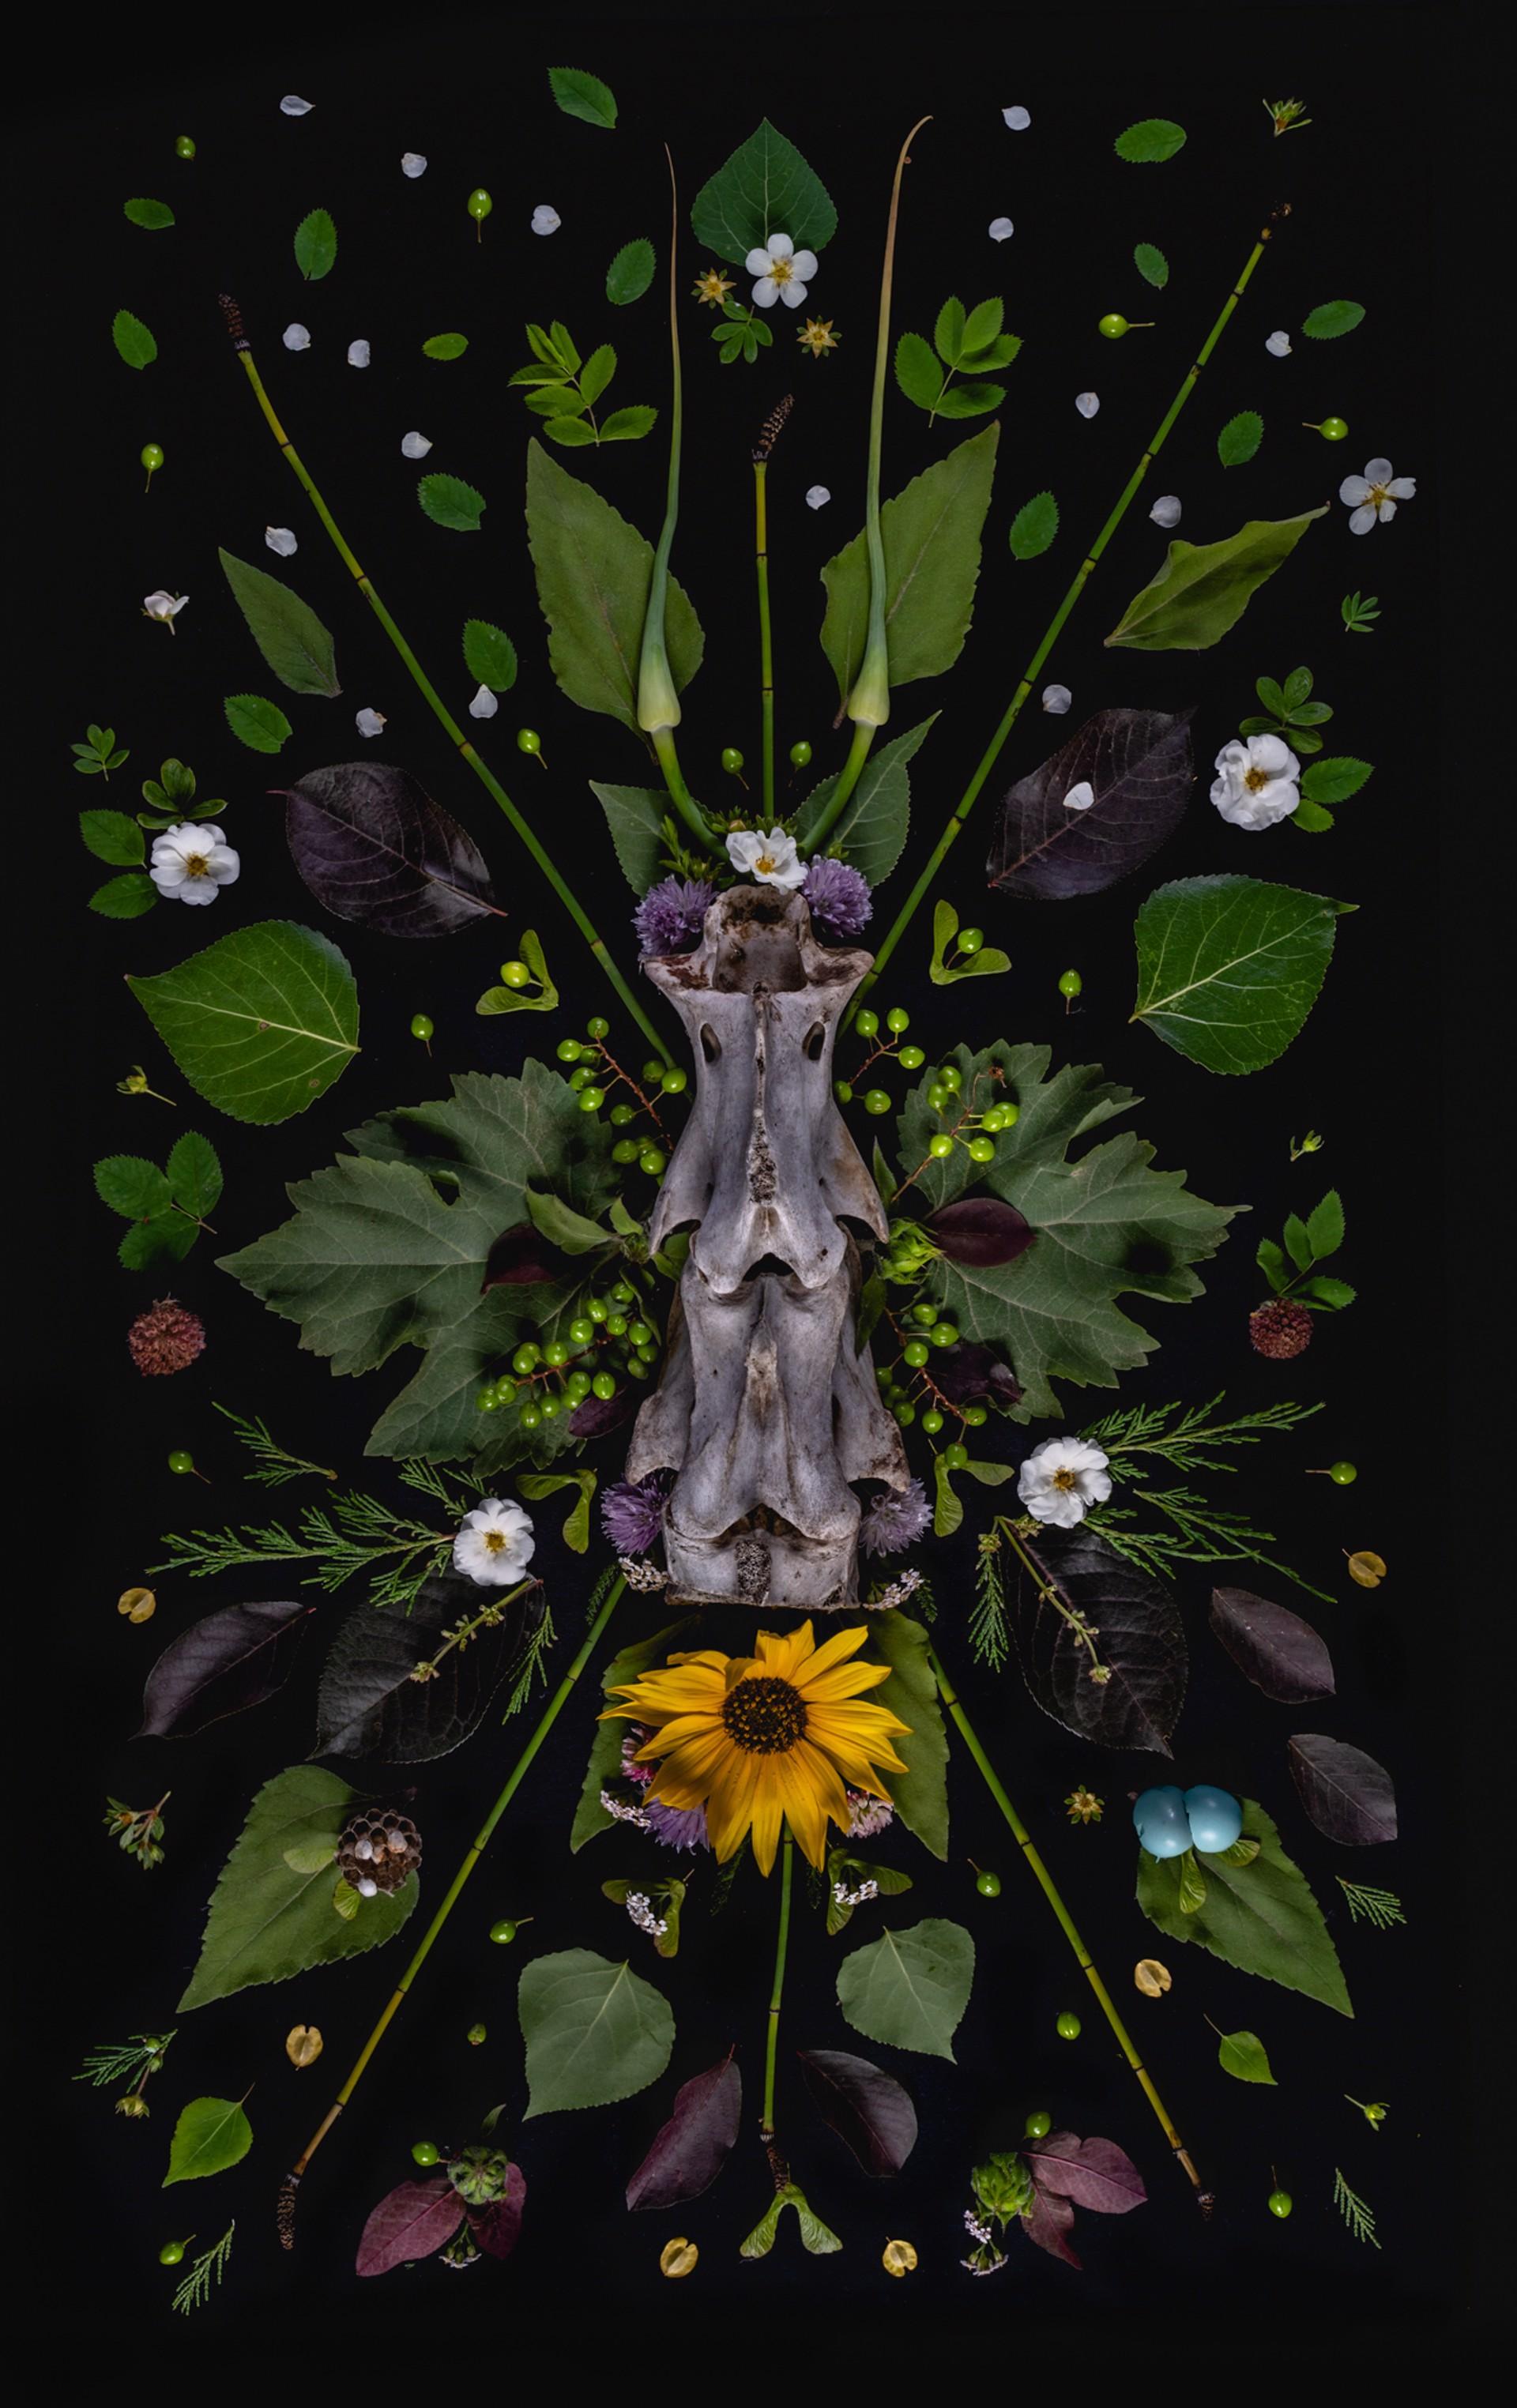 Totem by Jenya Chernoff